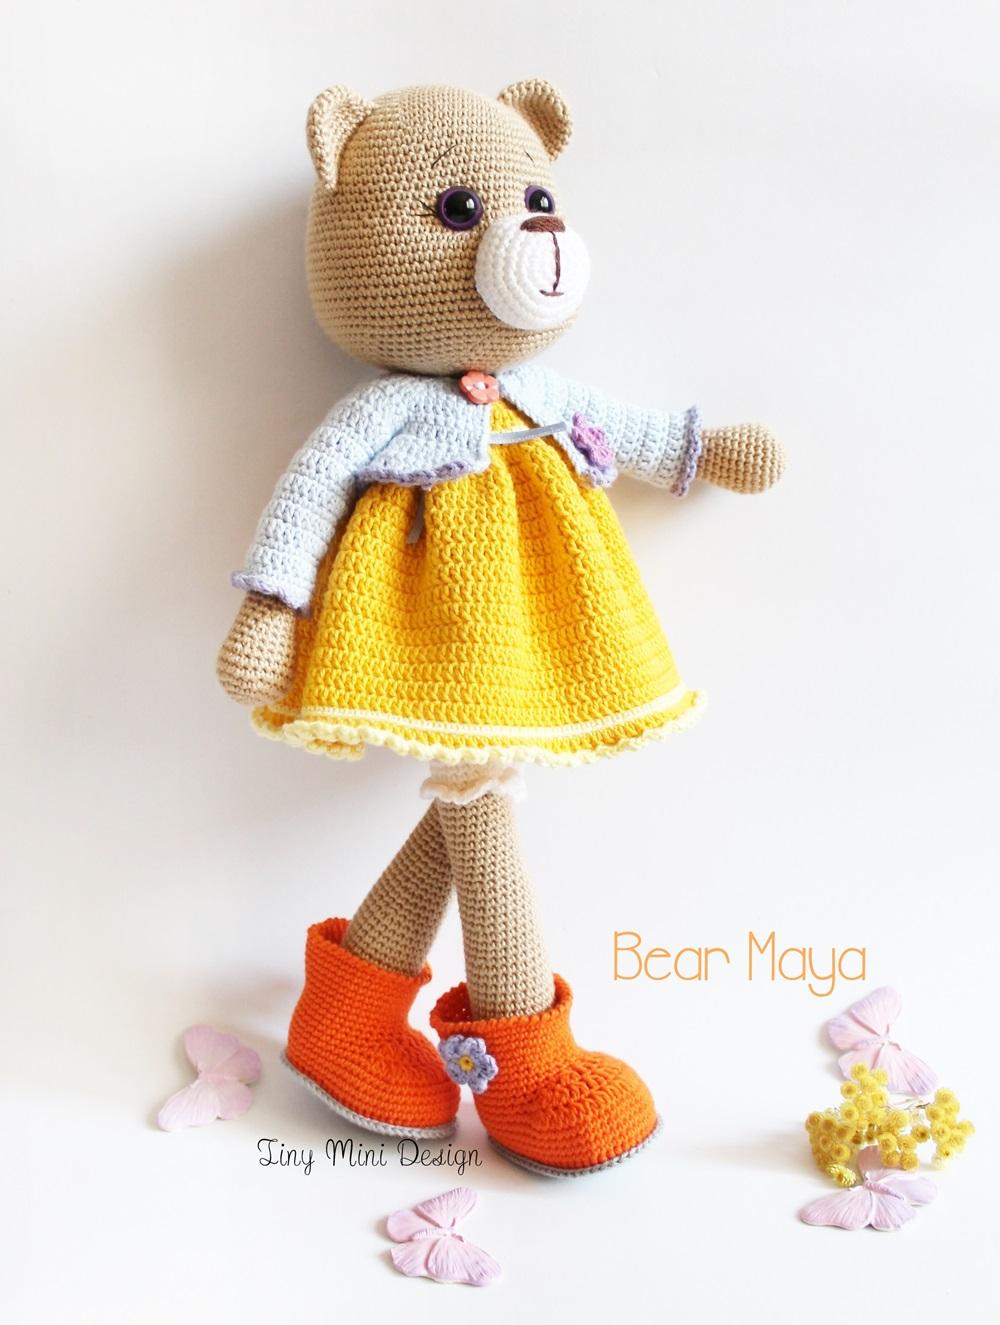 Amigurumi Bear Maya : Amigurumi Ayi Maya -Amigurumi Bear Maya - Knitting ...